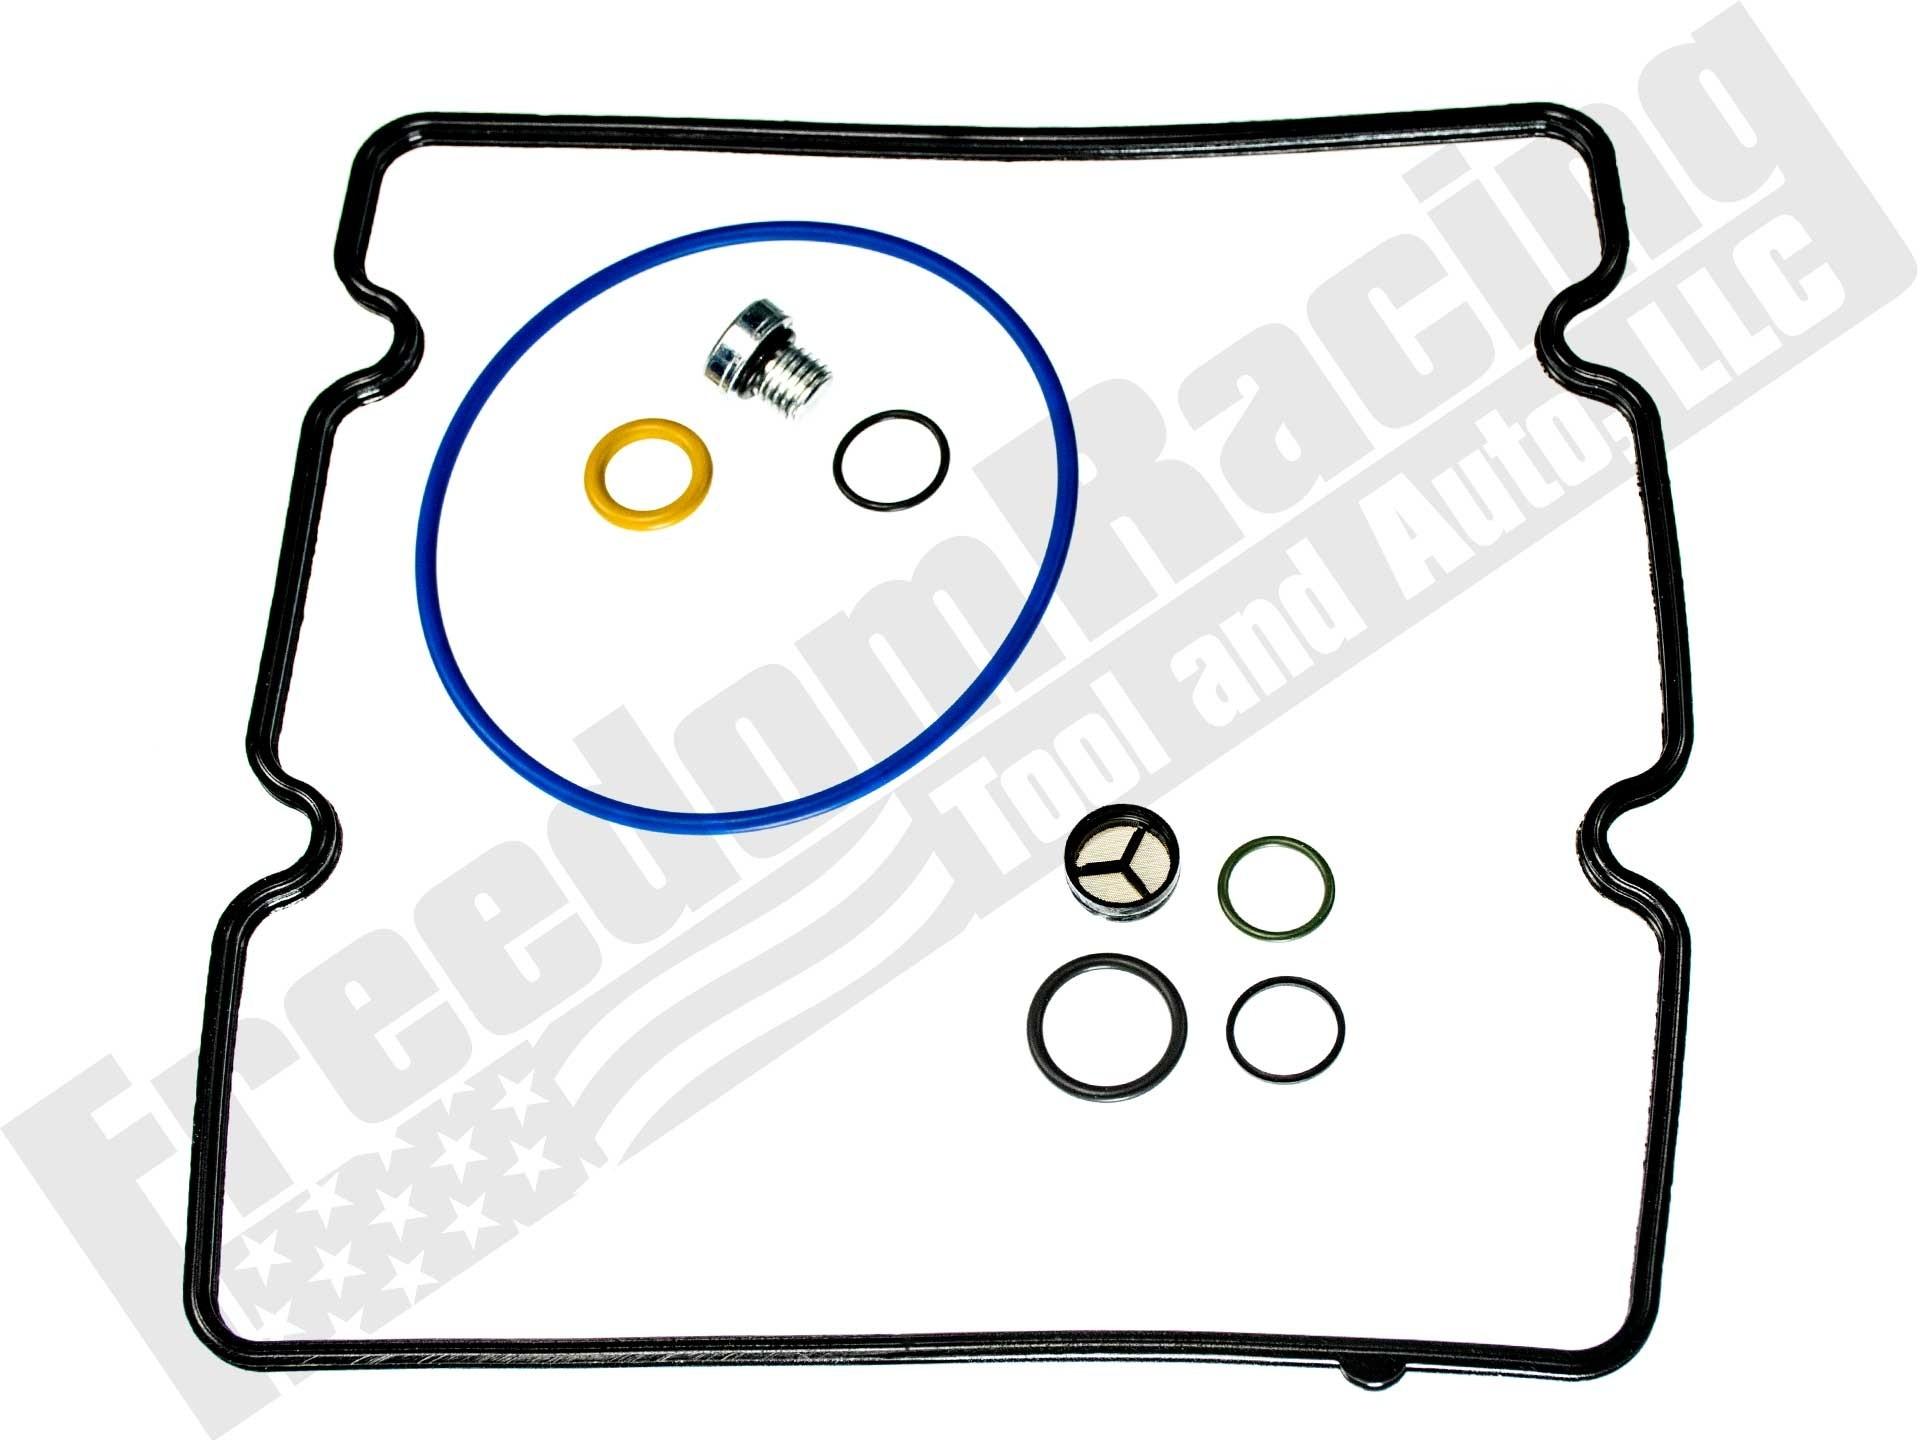 5c3z 9g804 C 6 0l 05 10 Hpop High Pressure Oil Pump O Ring